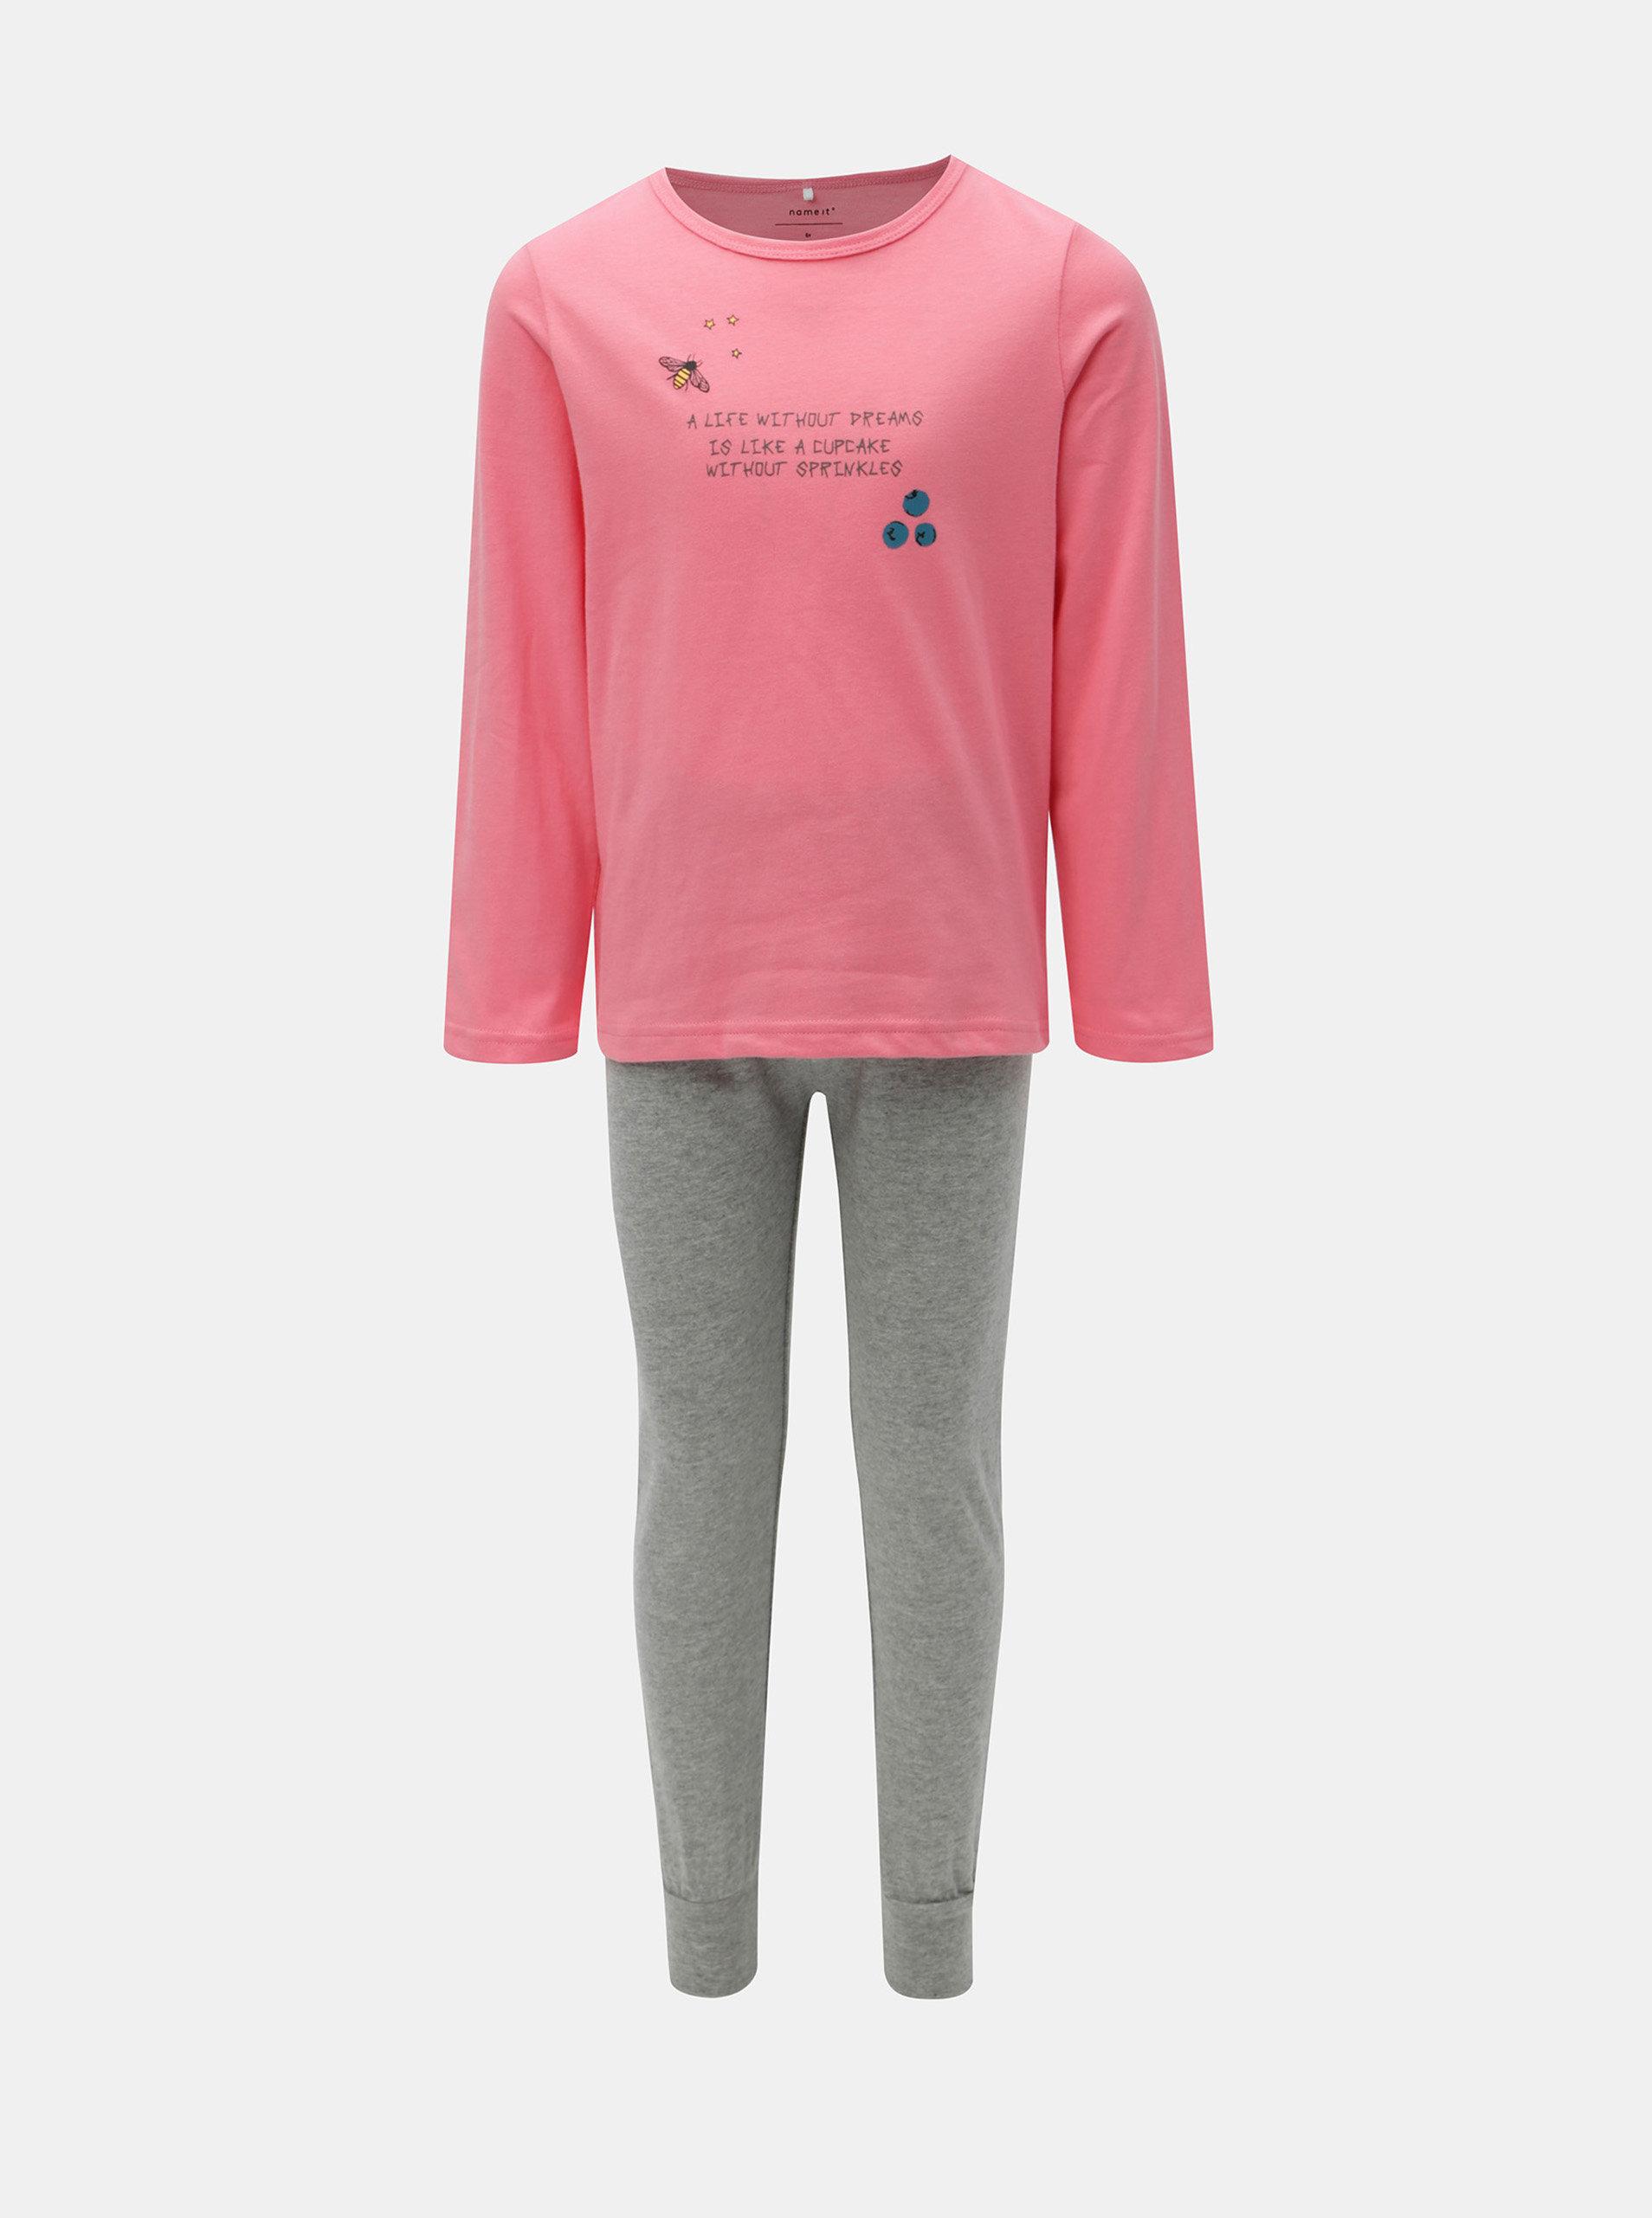 21394fdd4 Šedo-růžové holčičí dvoudílné pyžamo Name it Bublegum | ZOOT.cz